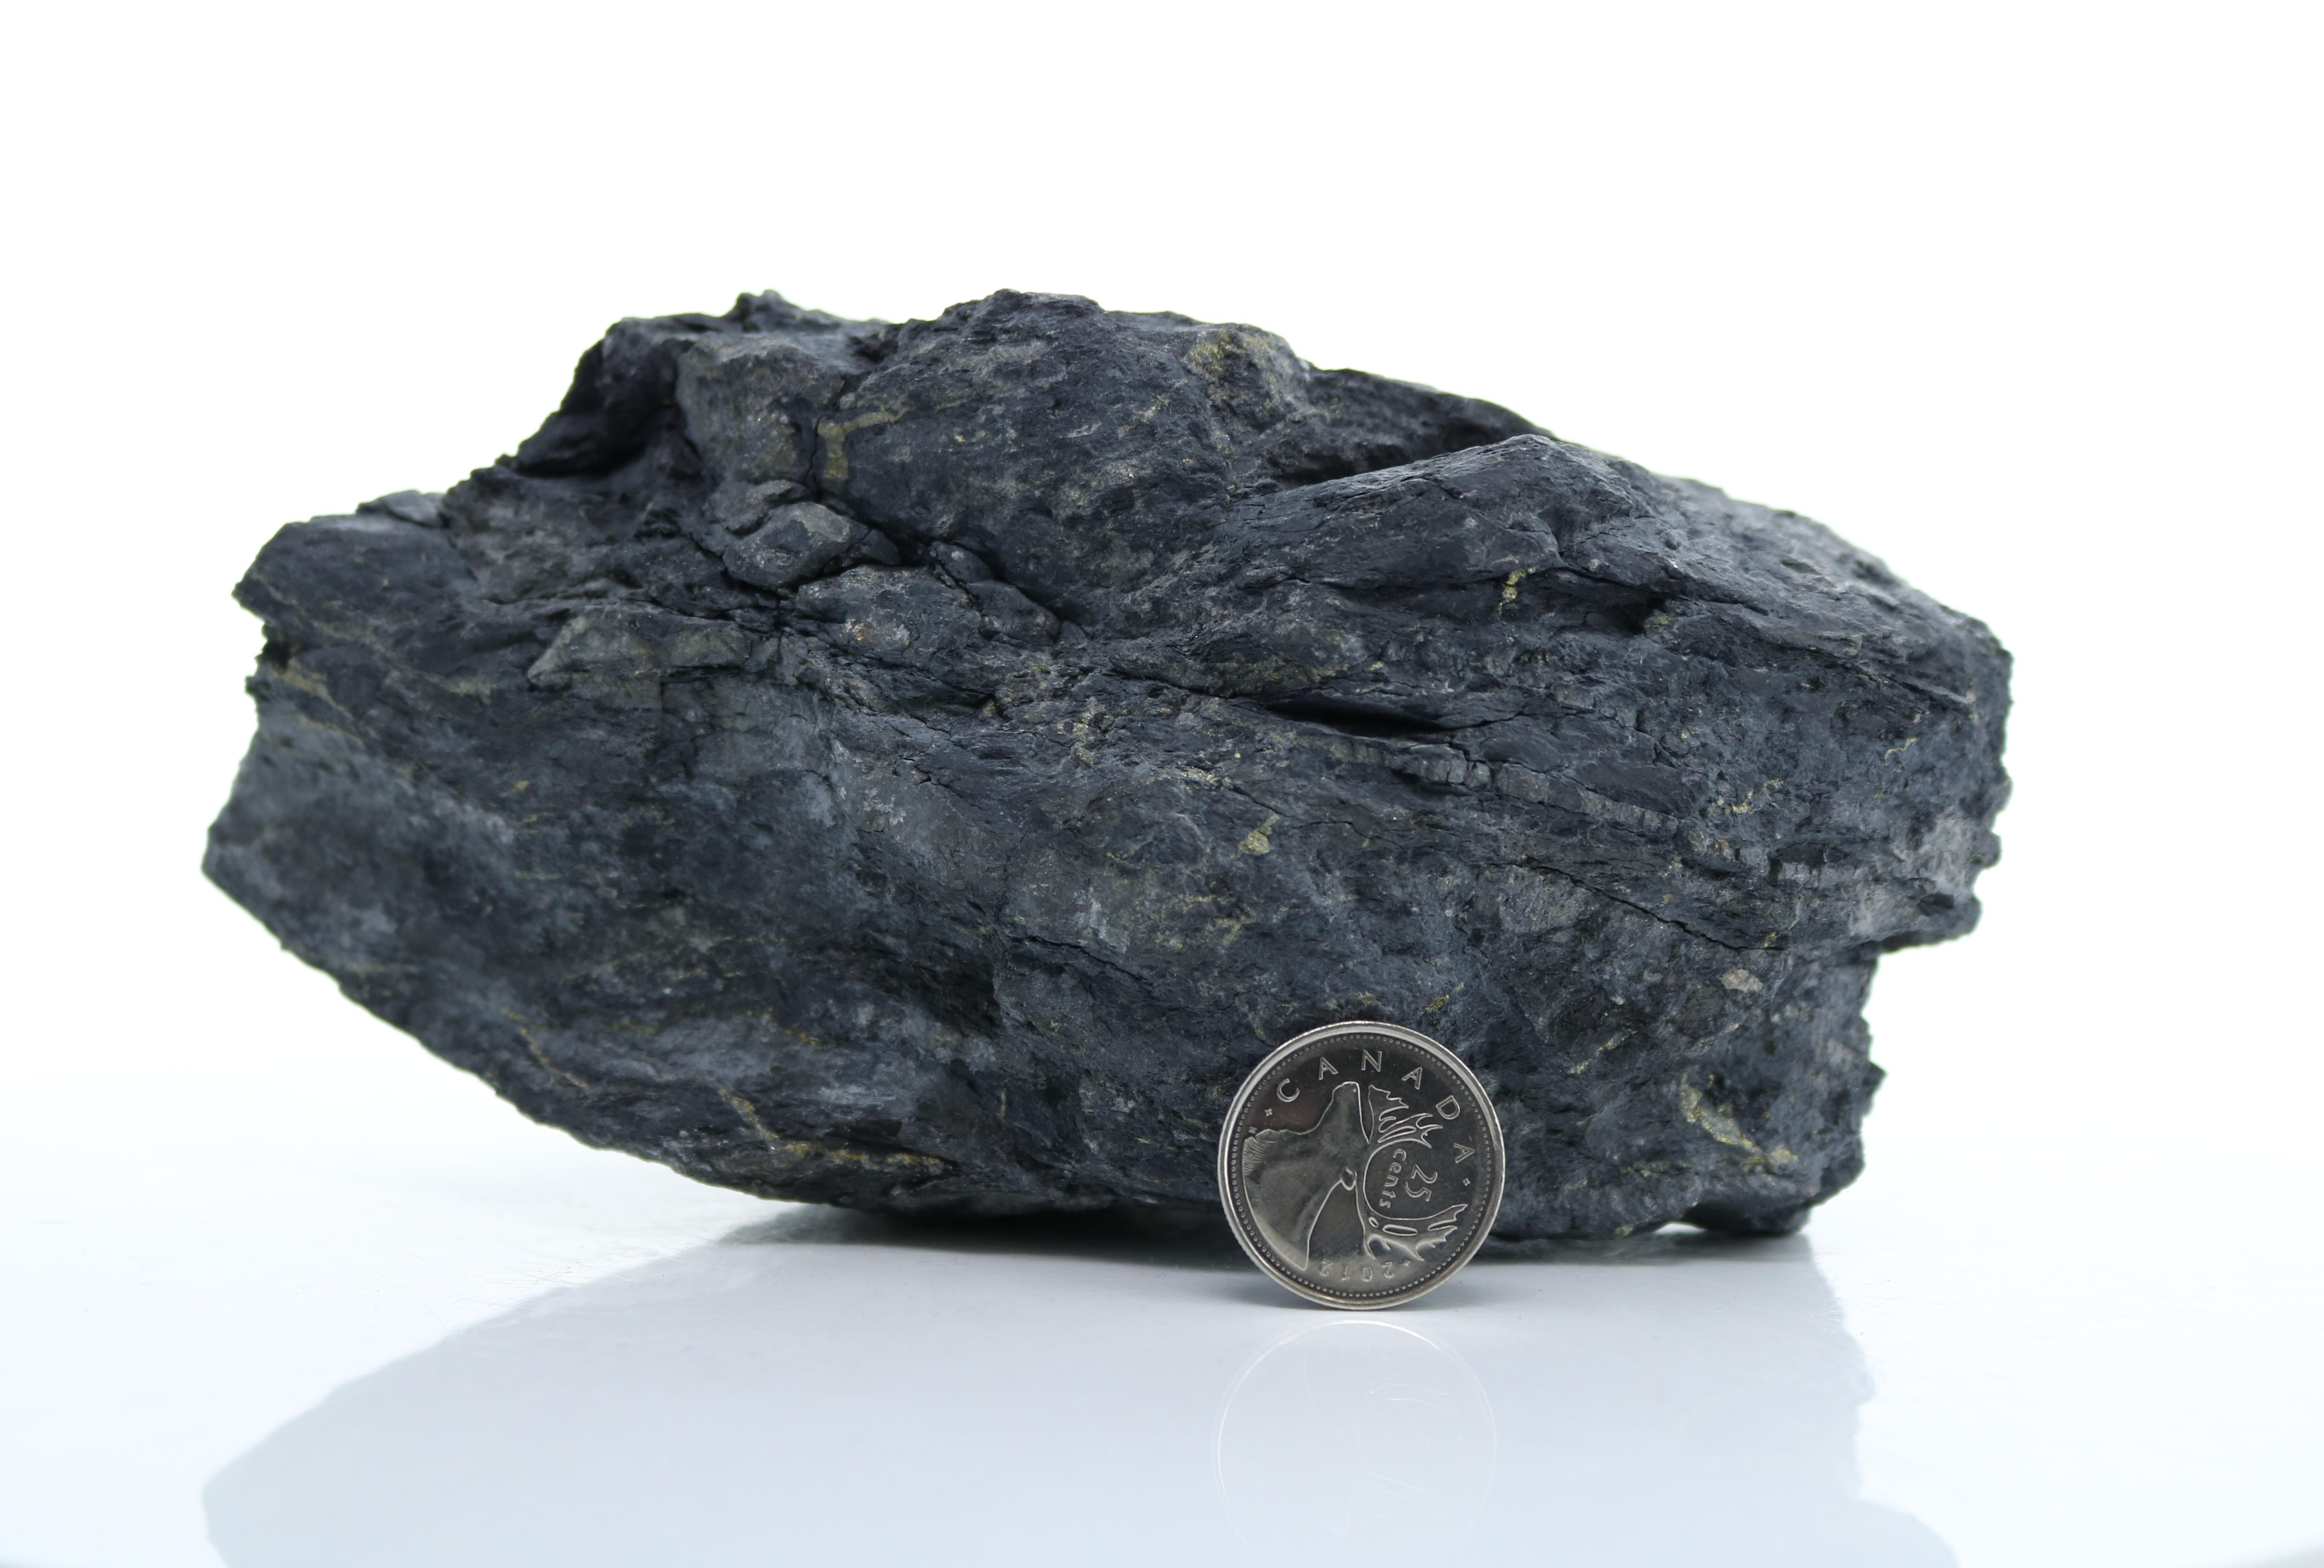 Bedded Sulphide (MoM-002) Image